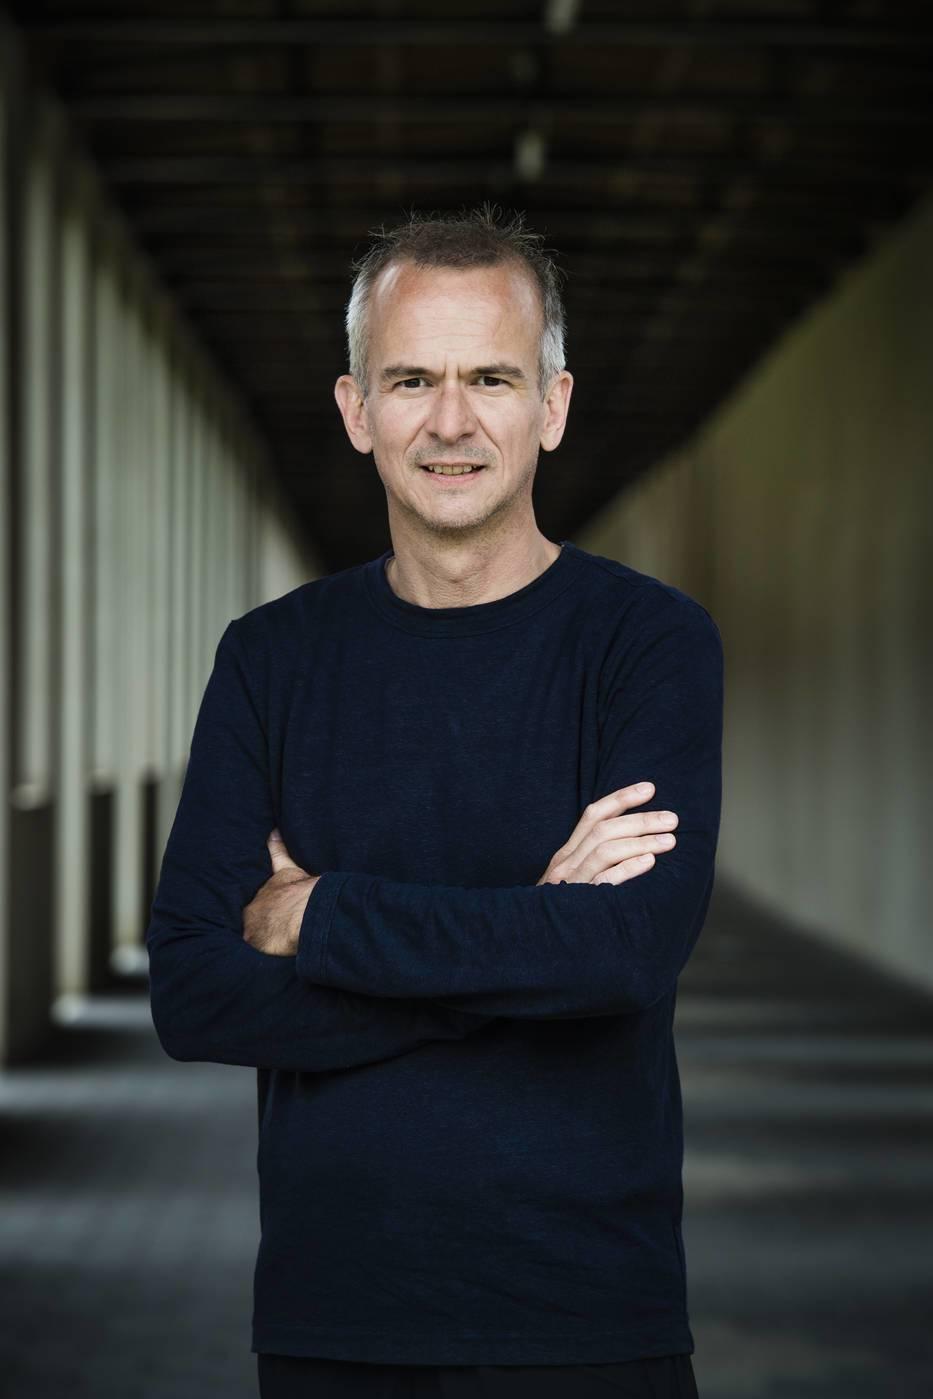 Yves Vekemans